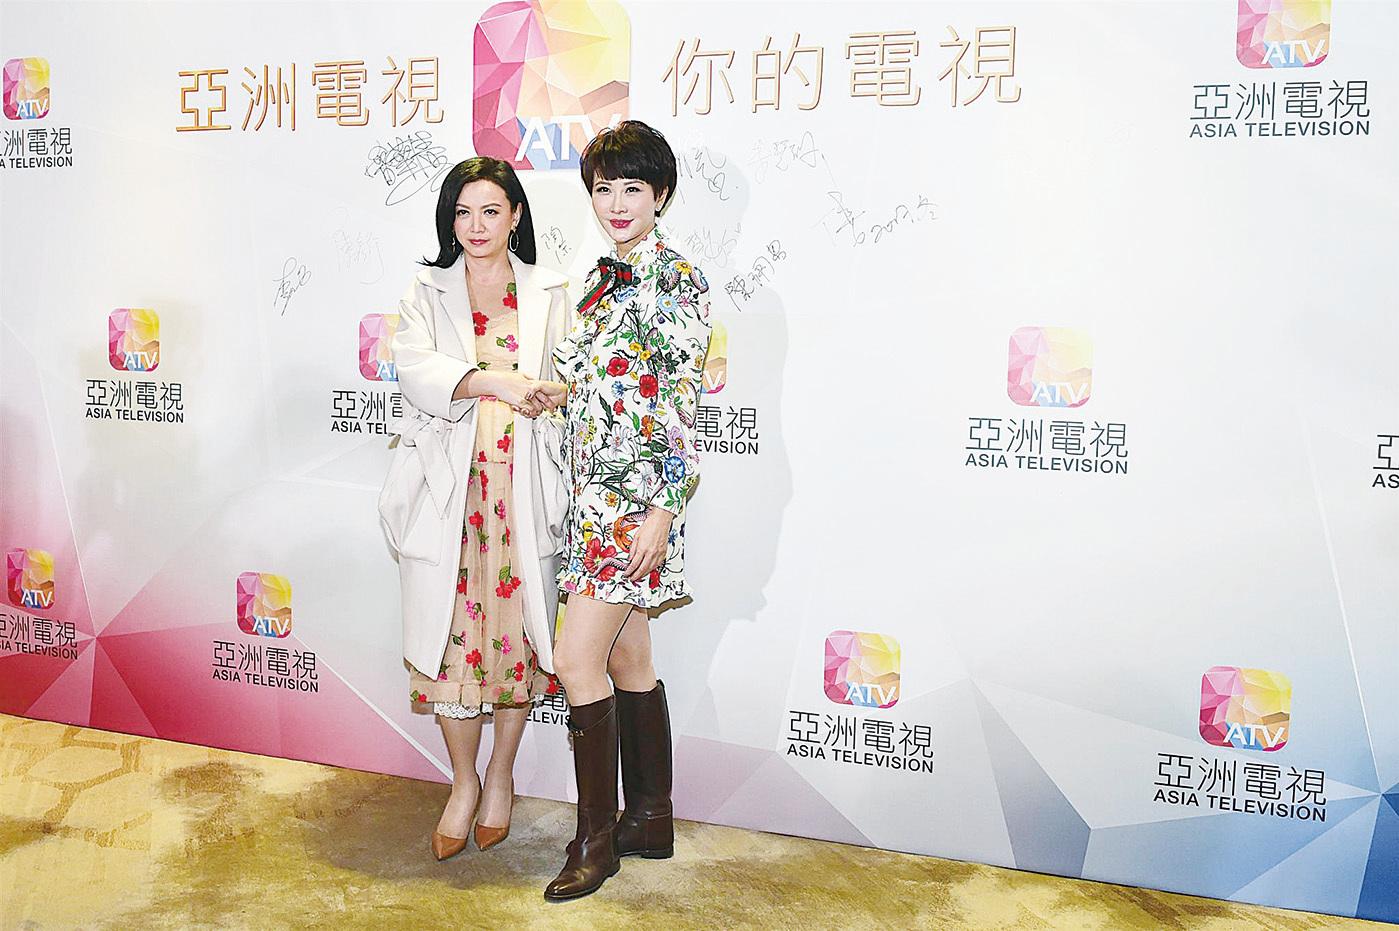 曾華倩(左)與朱慧珊對亞視OTT會推出《我和殭屍有個約會》和《英雄本色》電視劇版感到期待。(郭威利/大紀元)